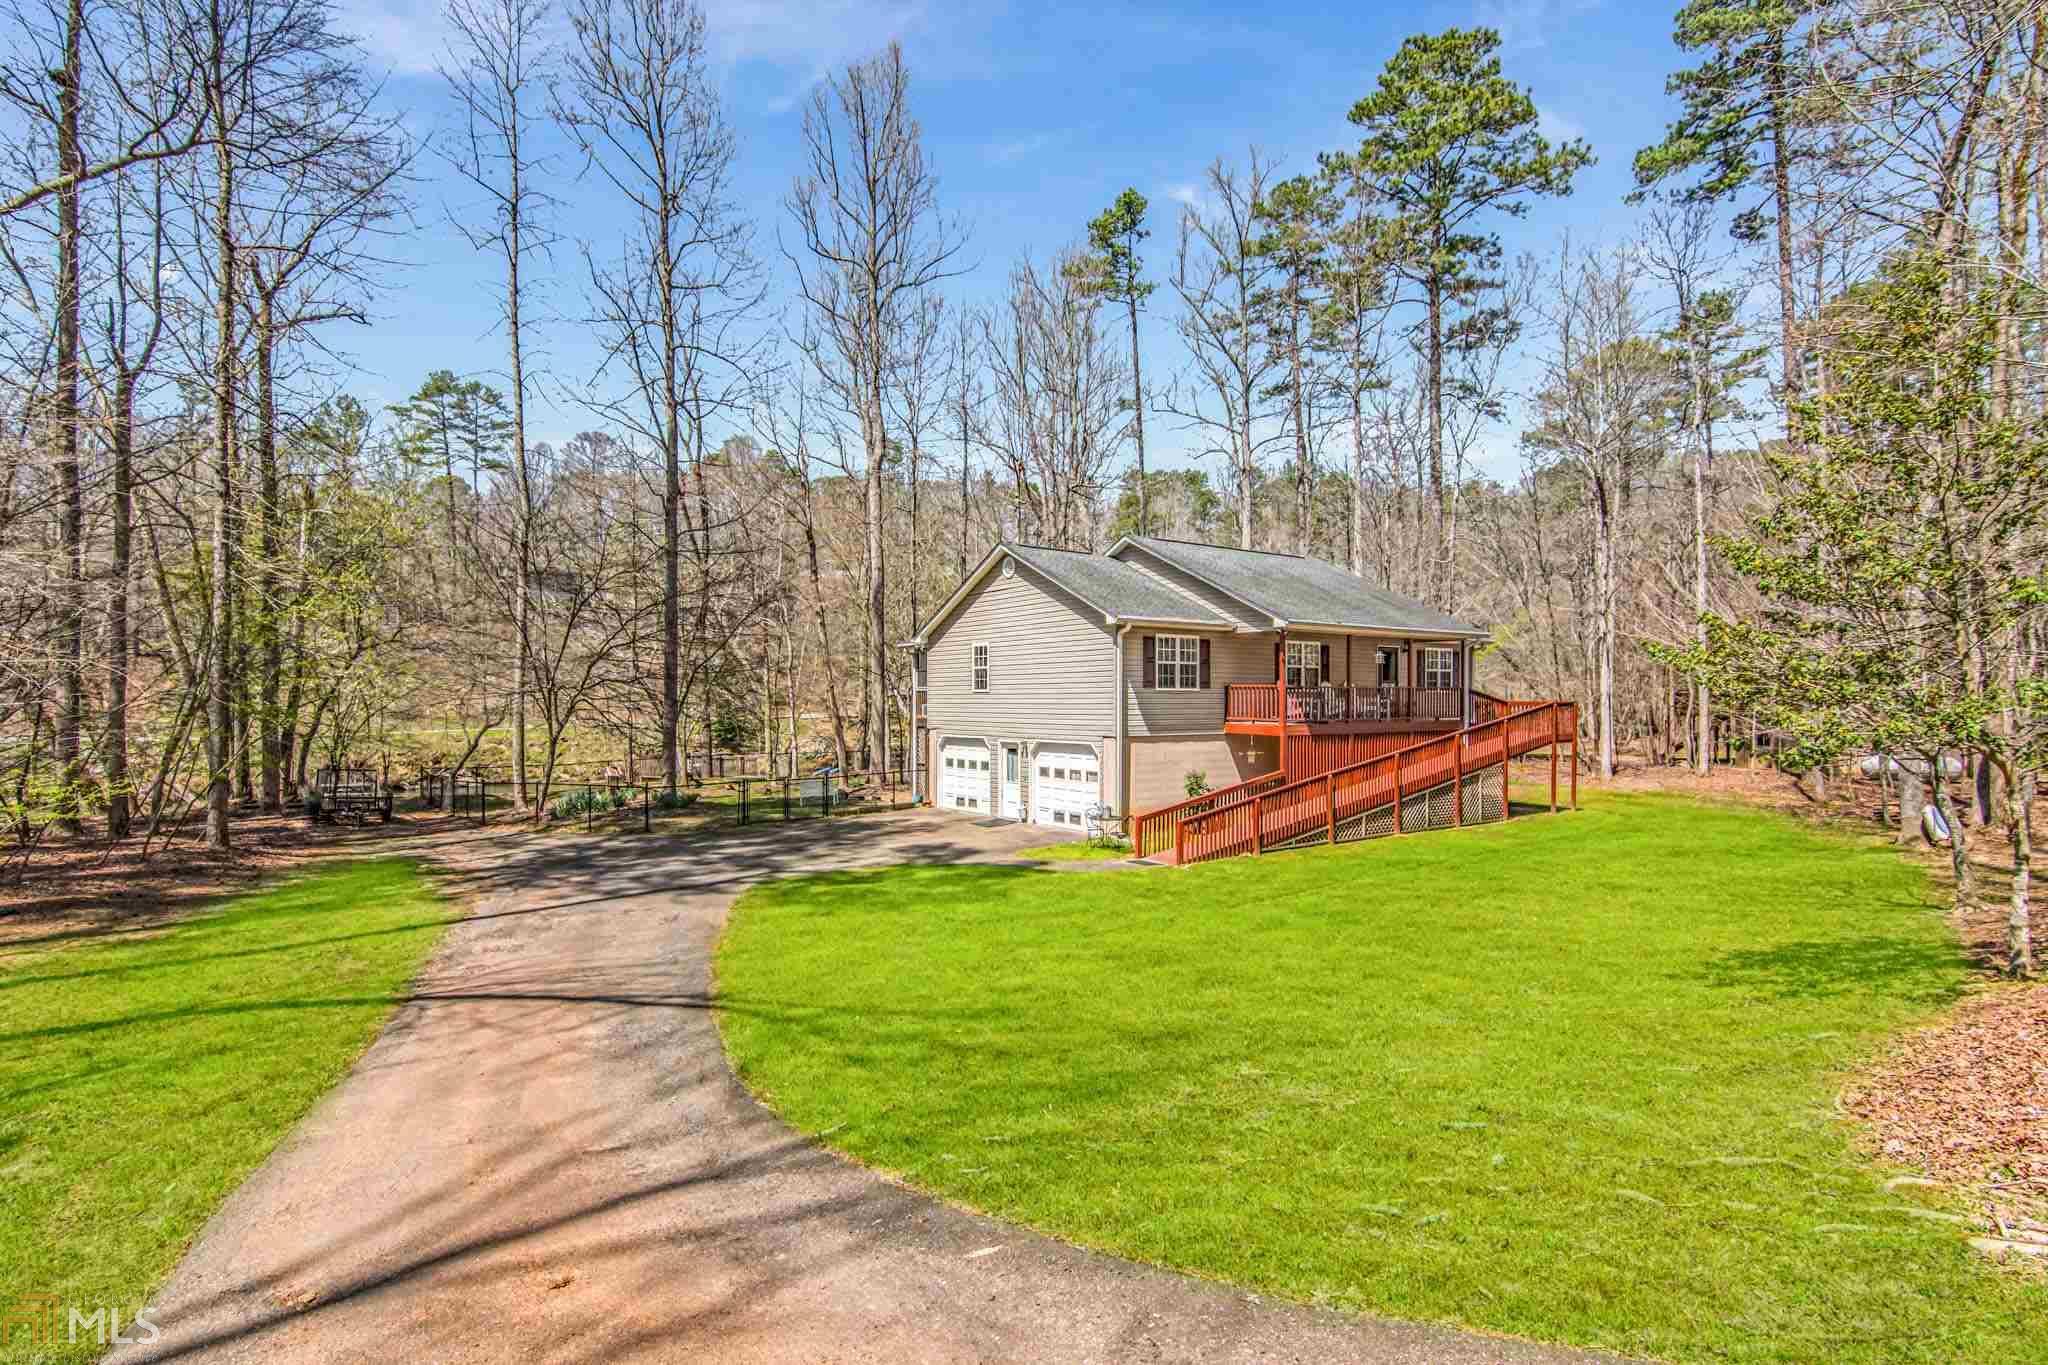 1185 Zenith Trl, Ellijay, Georgia 30540, 3 Bedrooms Bedrooms, ,3 BathroomsBathrooms,Single Family,For Sale,1185 Zenith Trl,2,8955592